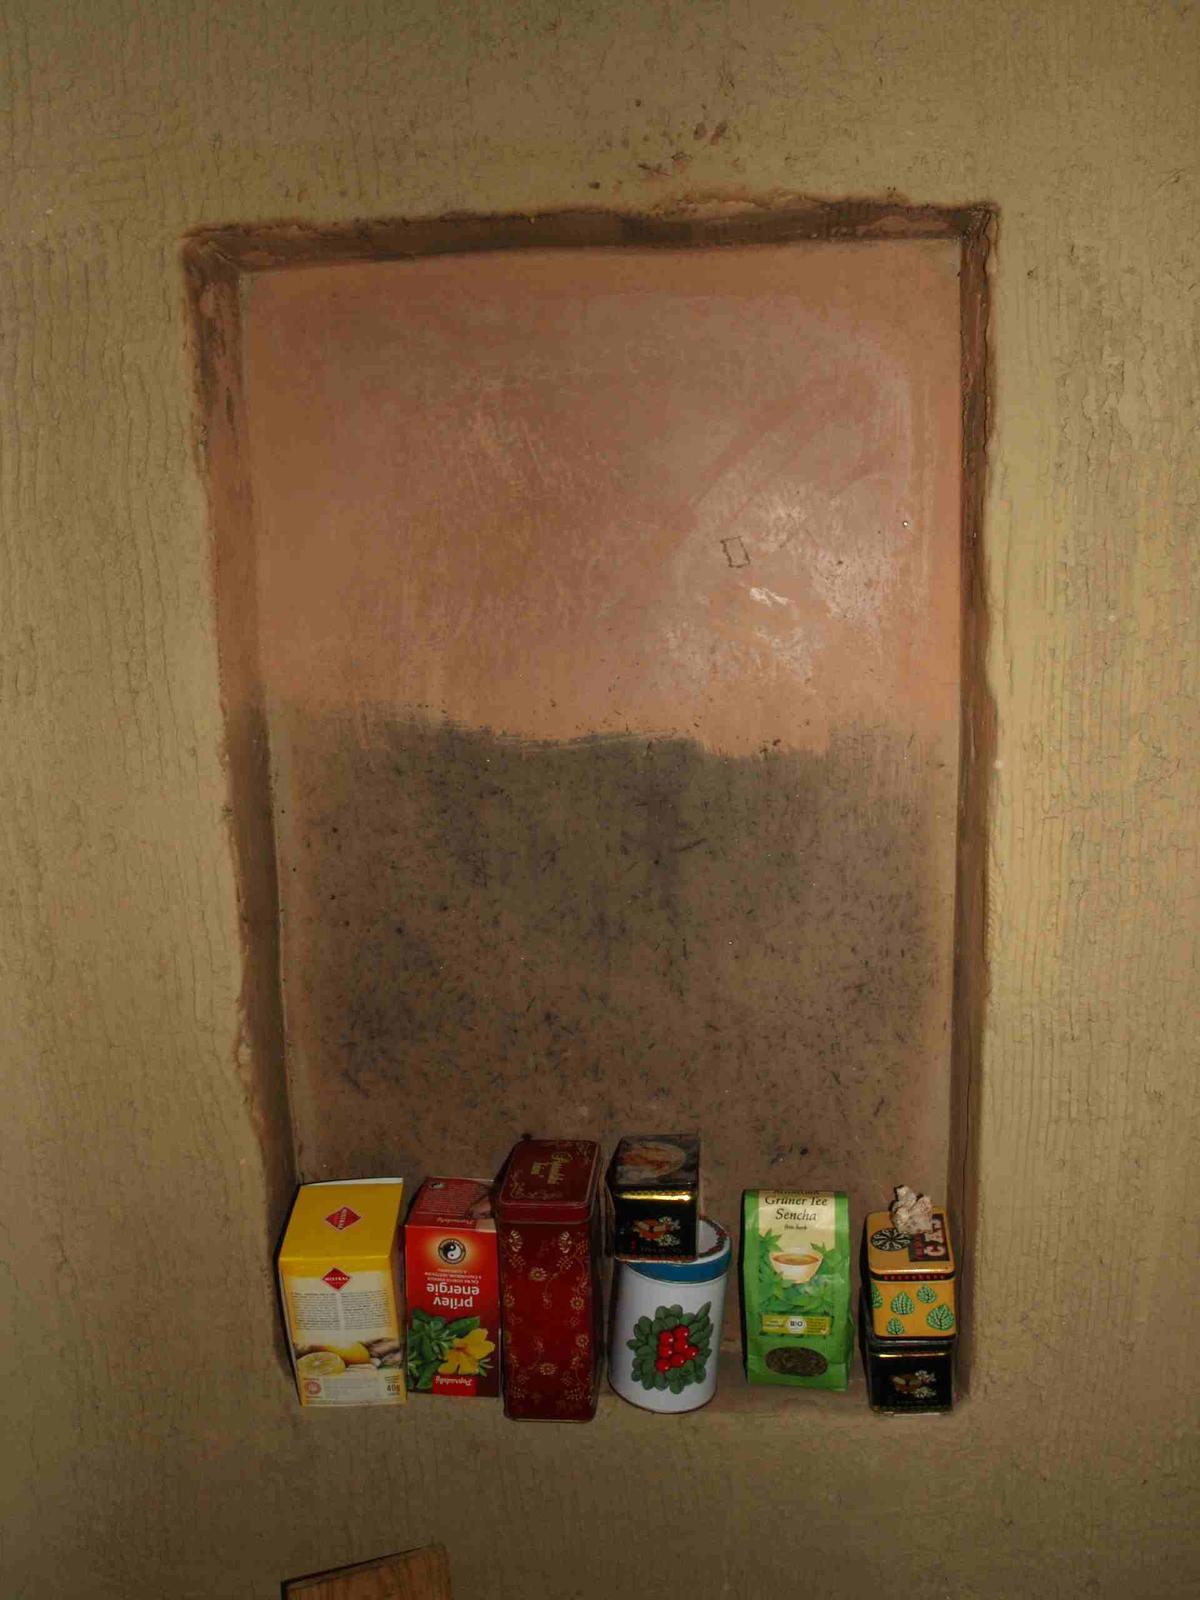 Hlinené omietky a podlahy svojpomocne. - Inšpiroval som sa členitými mexickými hlinenými domami. Stačilo zo starej steny vybrať zopár tehál a doomietnuť. Tu konkrétne som testoval tepelnú úpravu vyhladenej hrubej omietky a hladený hustý ílový náter.